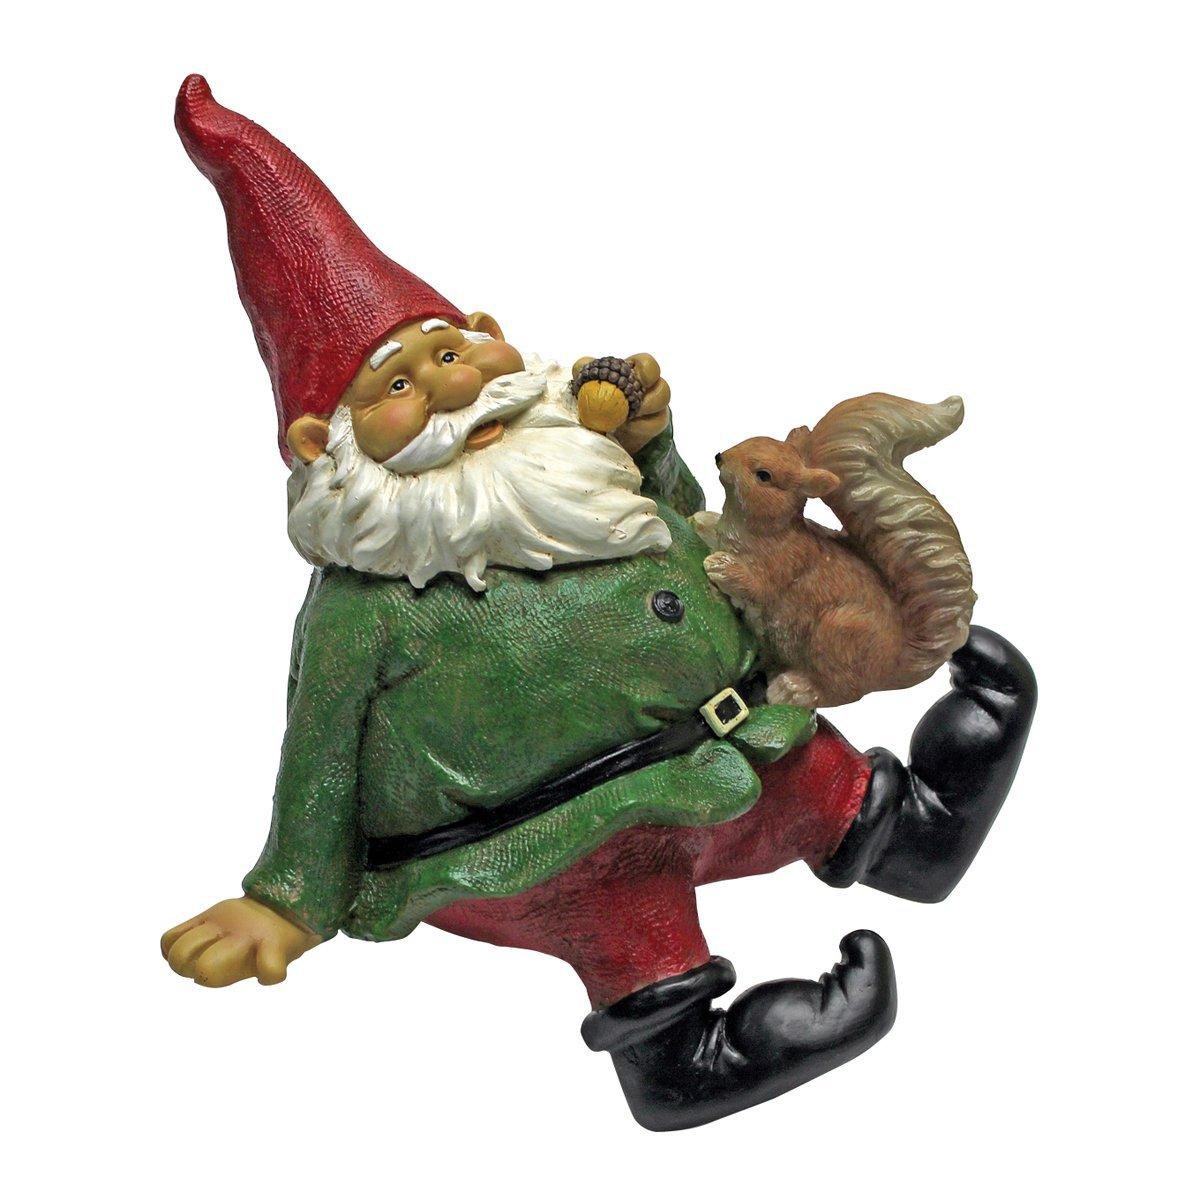 Design Toscano Garden Gnome Statue - Osbert the Garden Gnome Shelf Sitter - Outdoor Garden Gnomes - Funny Lawn Gnome Statues